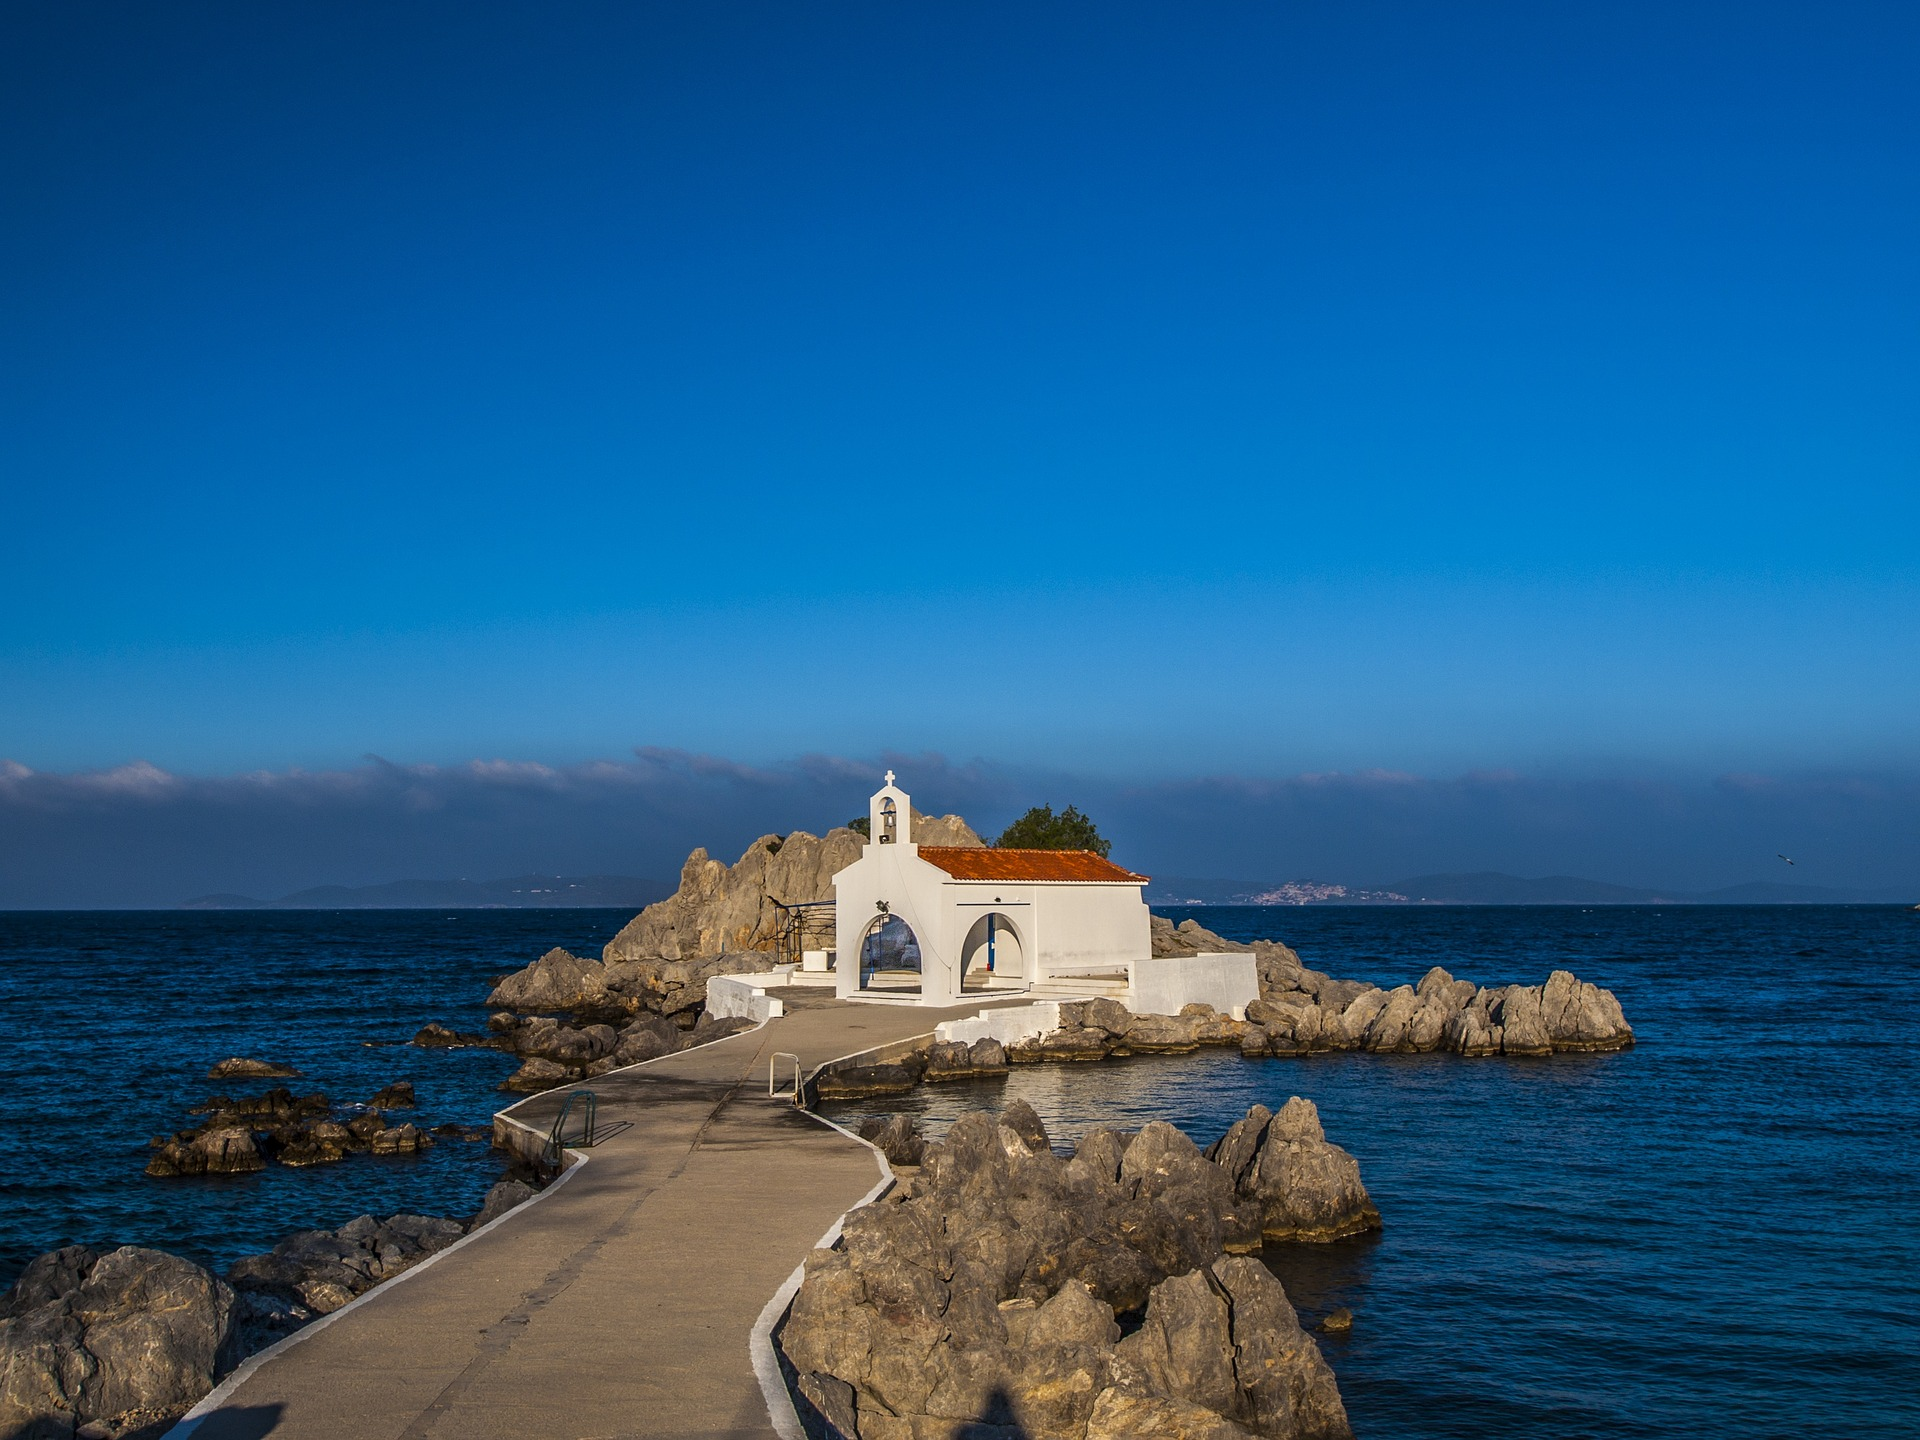 grčka, destinacija, letovanje, manje posećeno